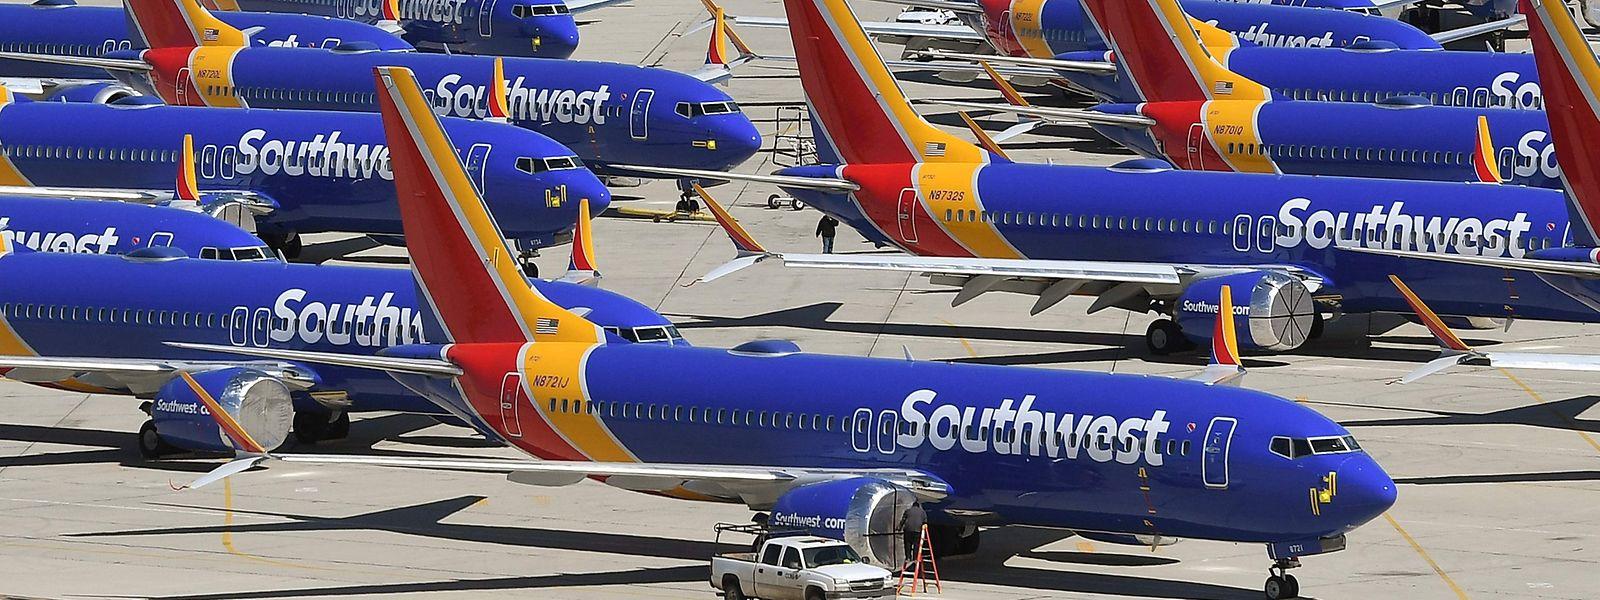 Seit Mitte 2019 dürfen die 737 Max nicht mehr fliegen.